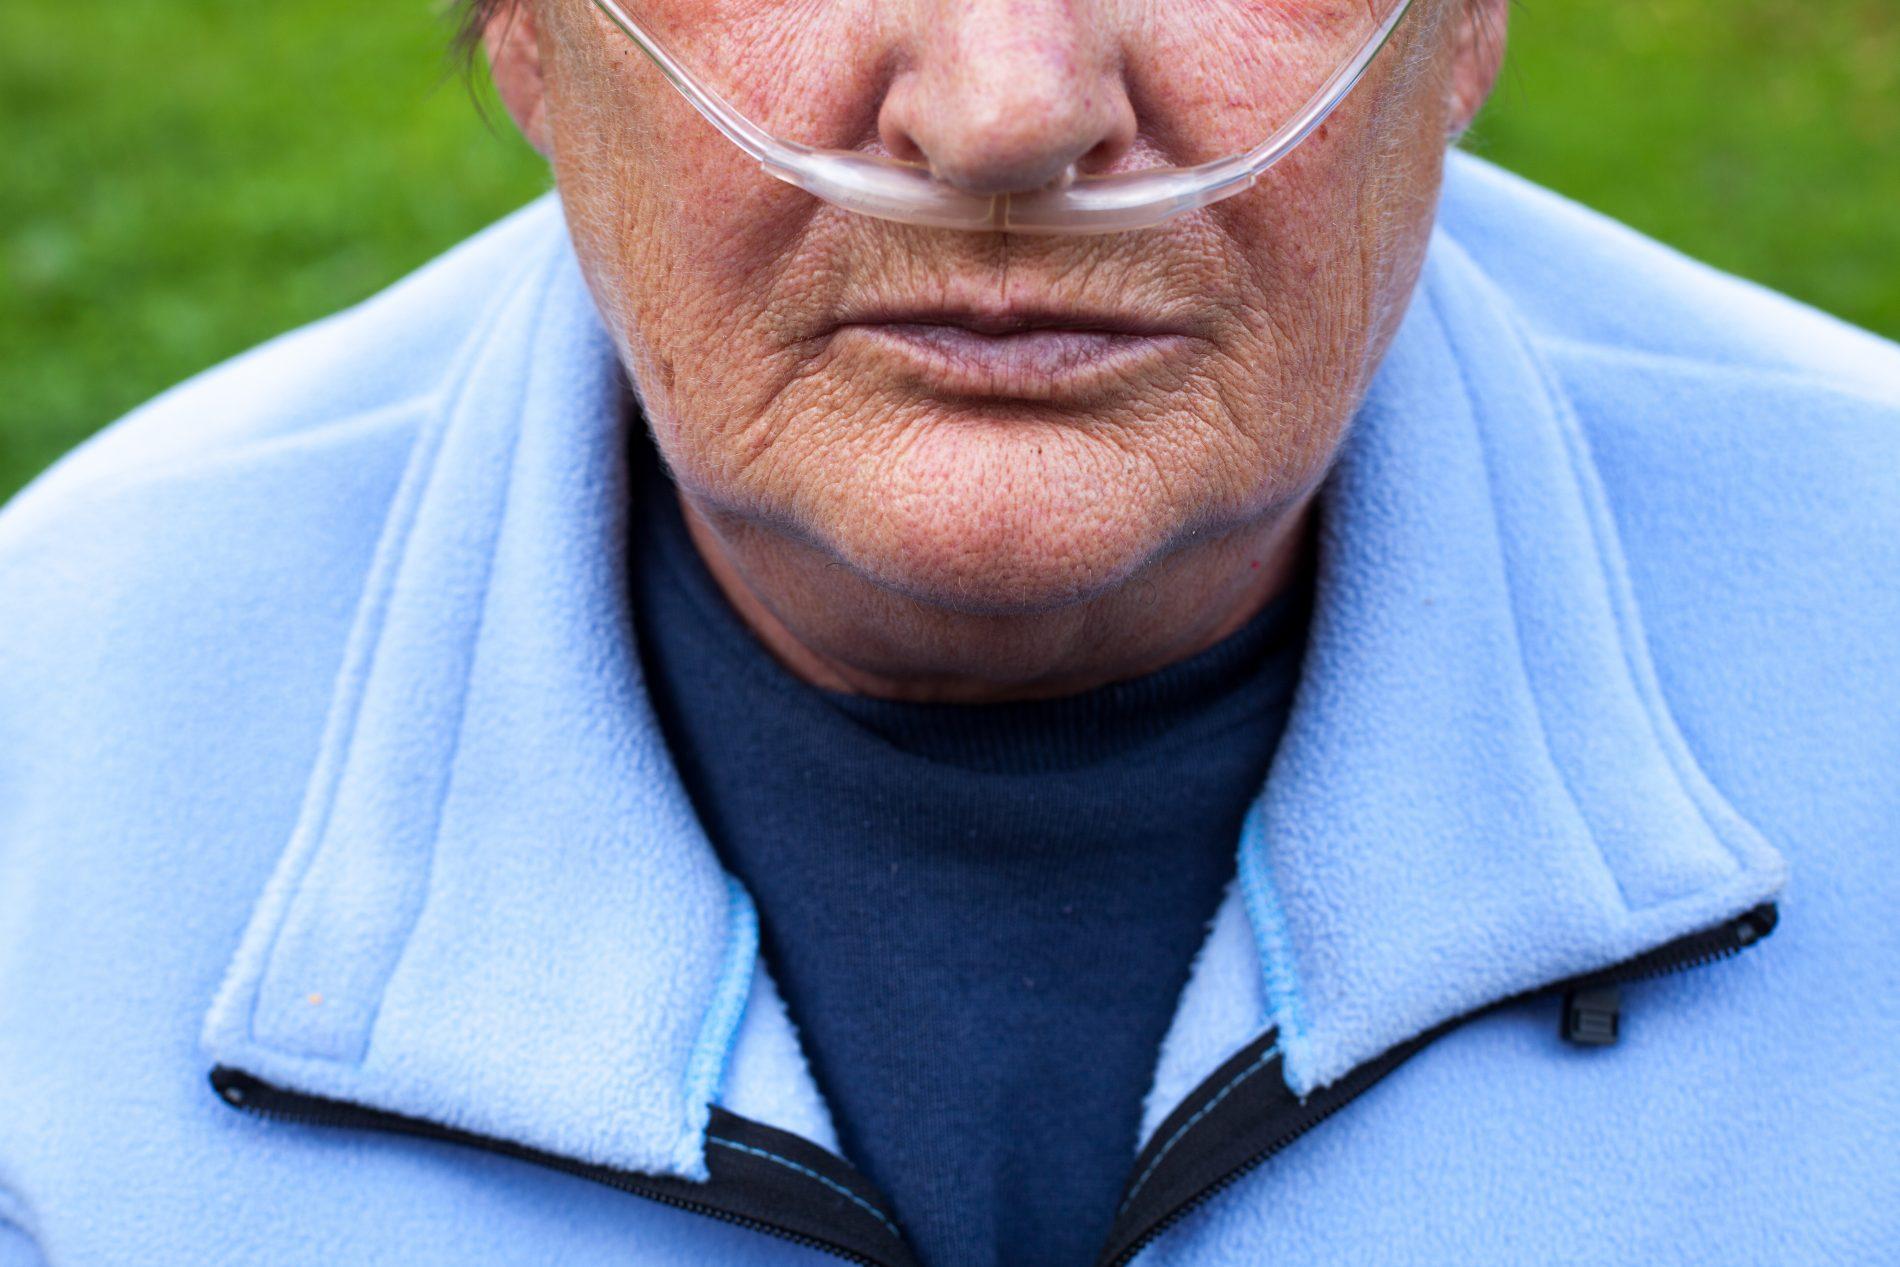 Broncopneumopatia cronica ostruttiva: consigli per vivere bene